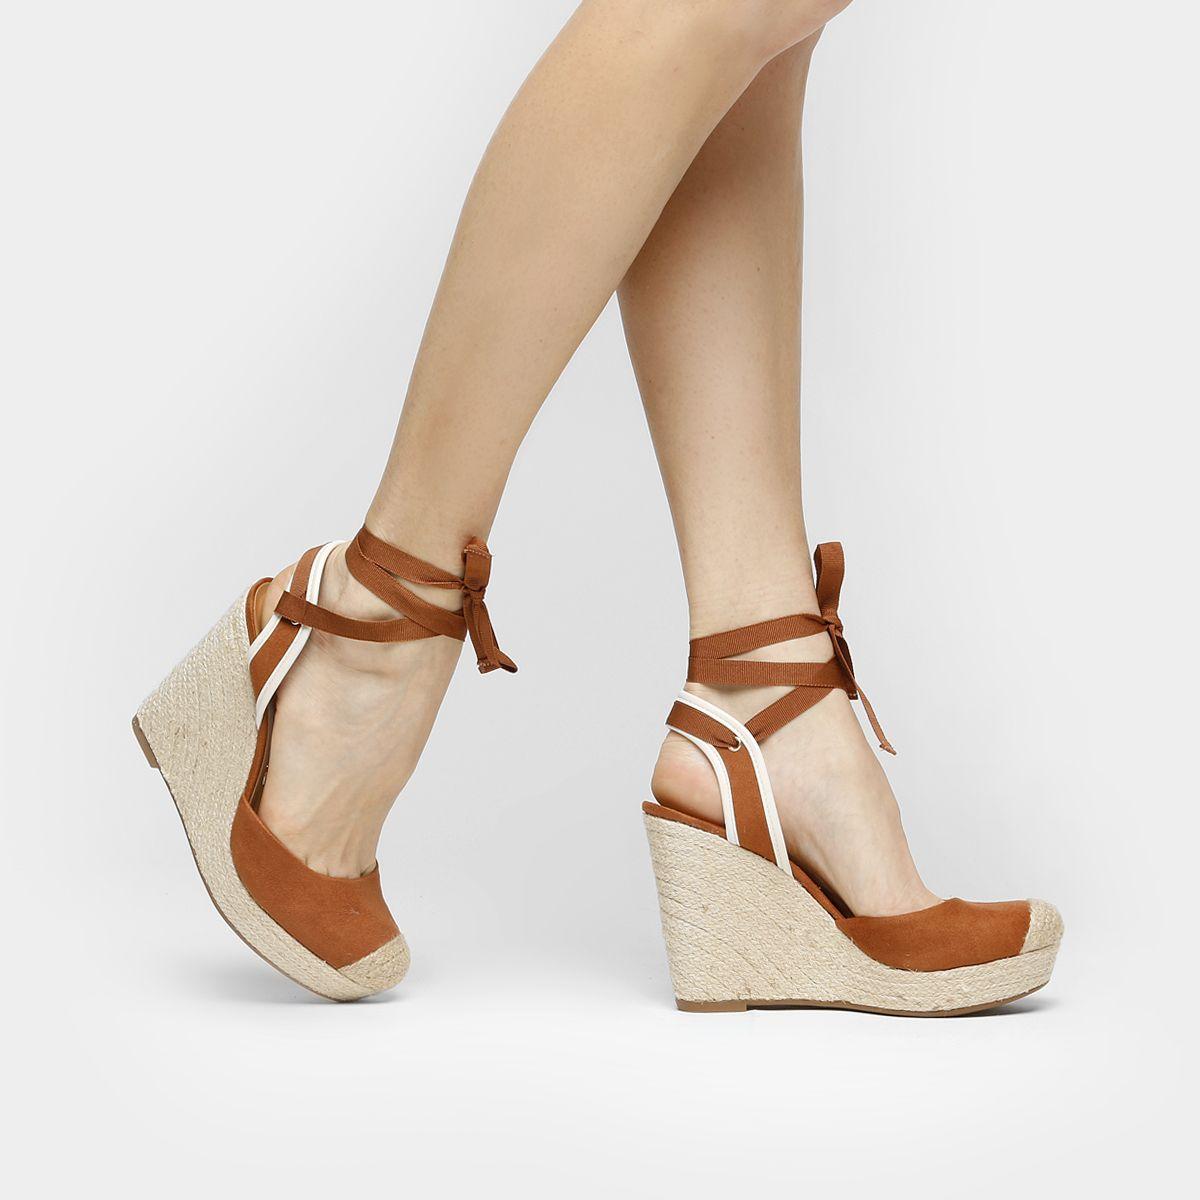 bcae75379f Compre Espadrille Vizzano Amarrações Caramelo na Zattini a nova loja de  moda online da Netshoes. Encontre Sapatos